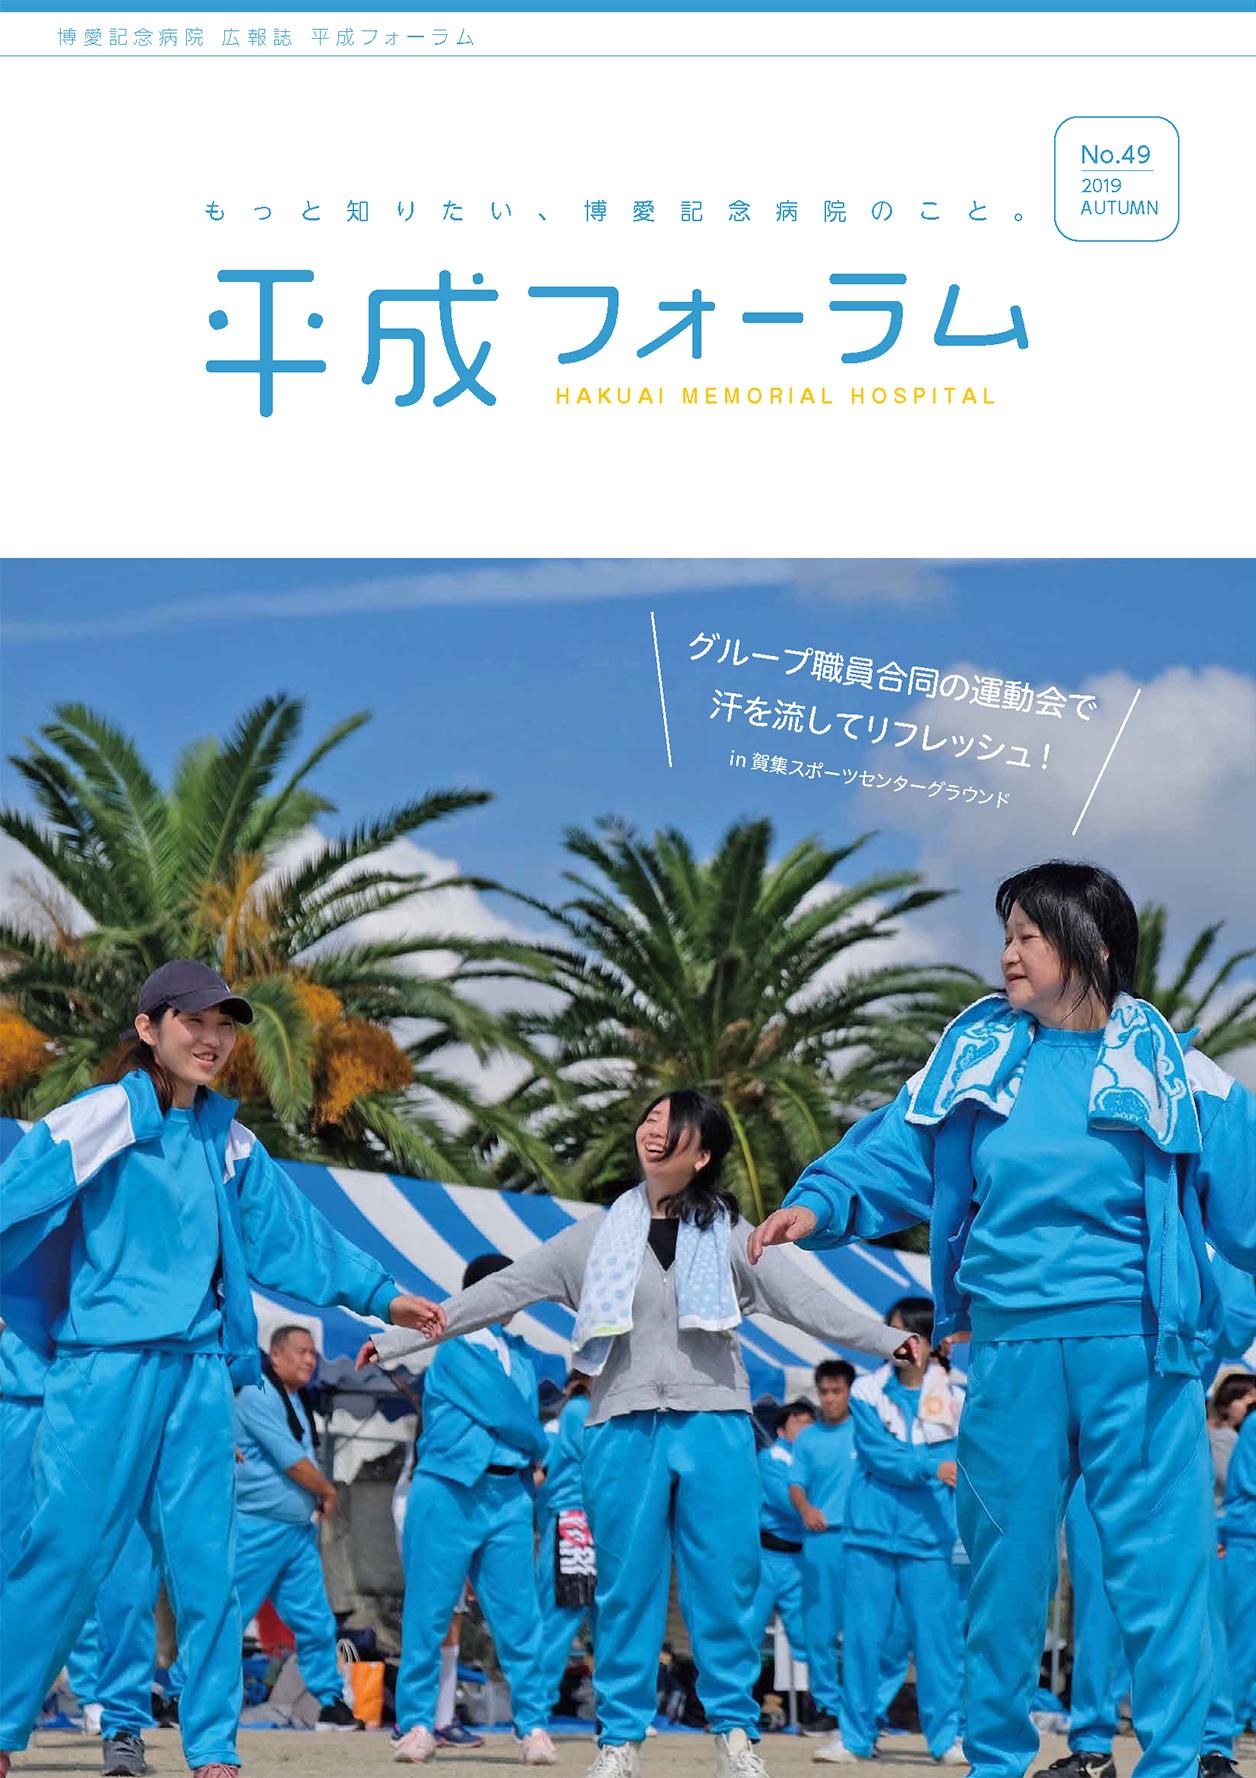 さくら Vol.49